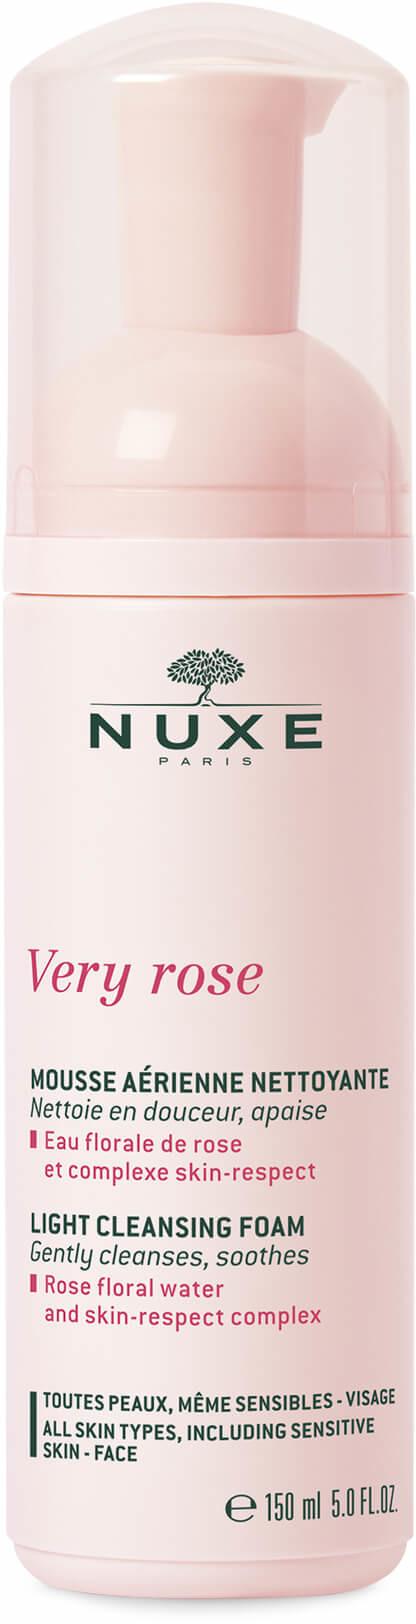 Nuxe Very Rose delikatna pianka oczyszczająca do wszystkich rodzajów skóry 150 ml